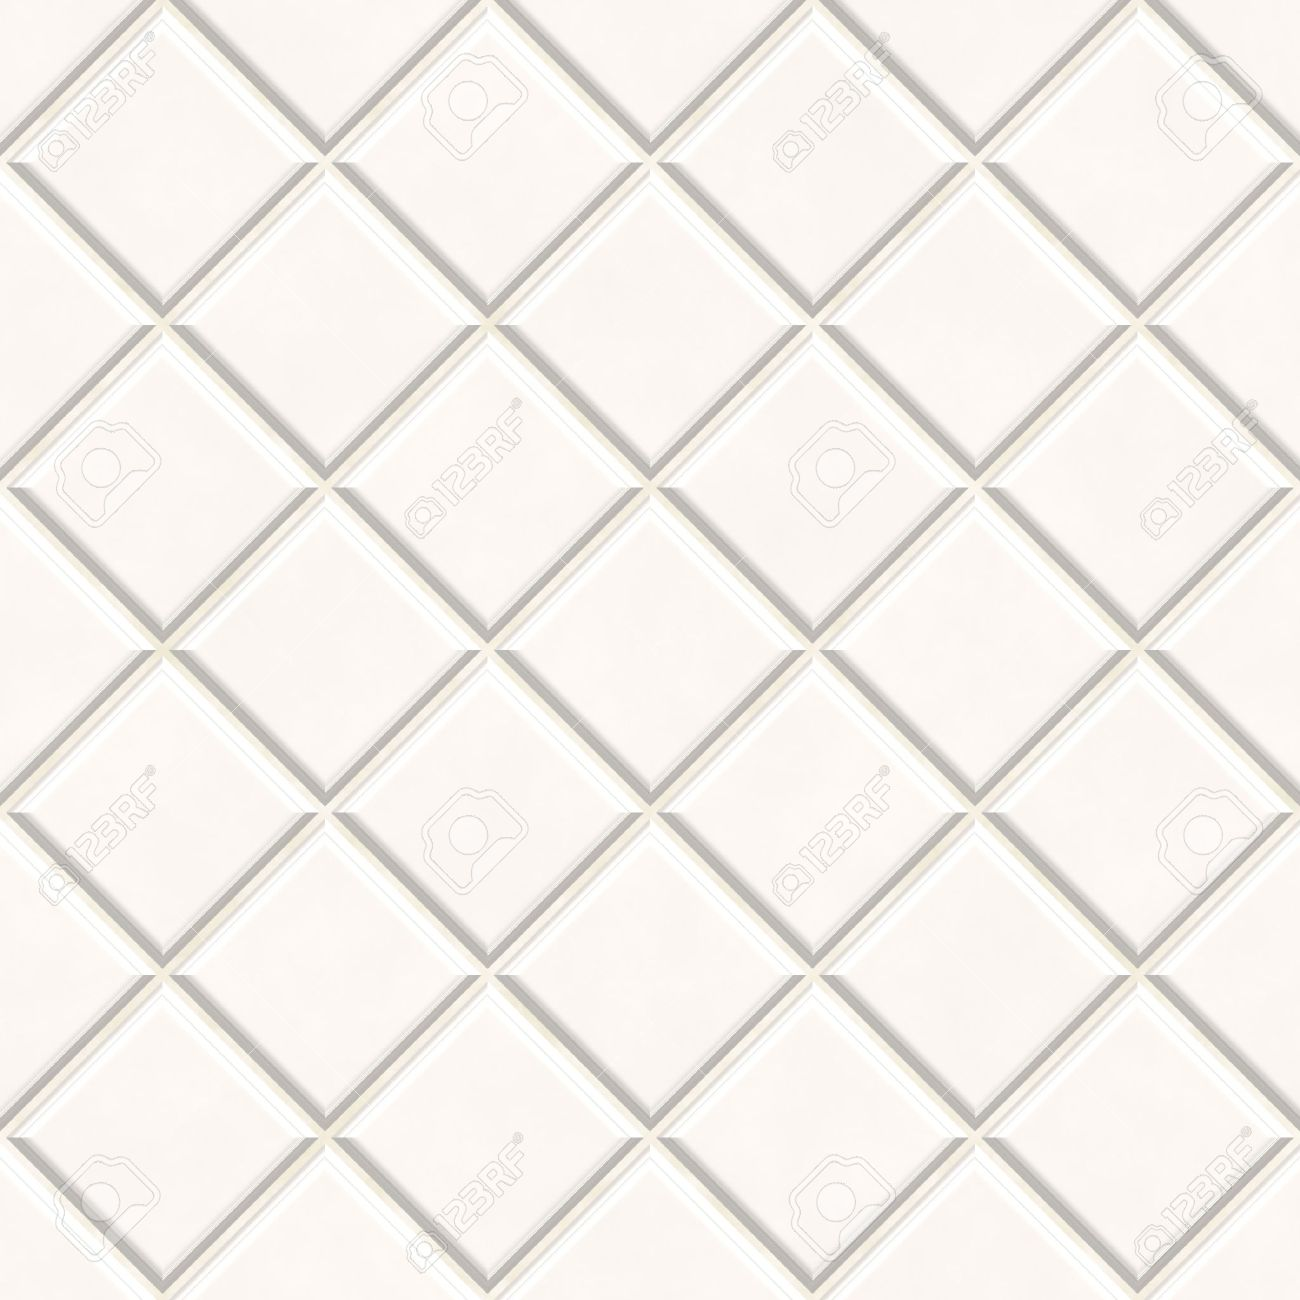 Seamless White Tiles Texture Background, Kitchen Or Bathroom Concept Stock  Photo   7306515